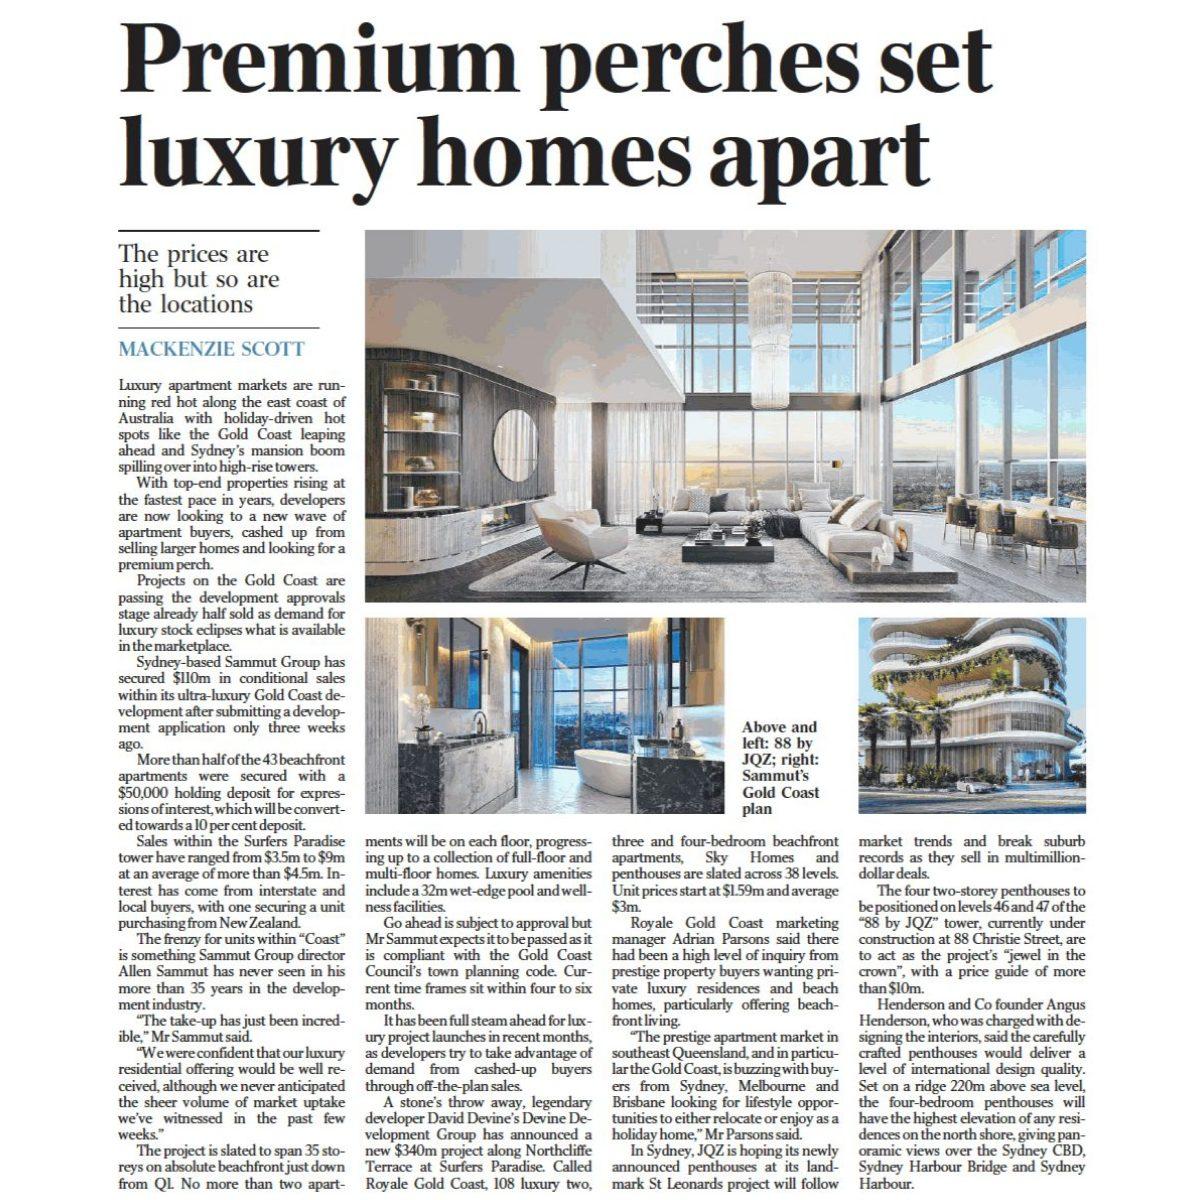 Premium perches set luxury homes apart